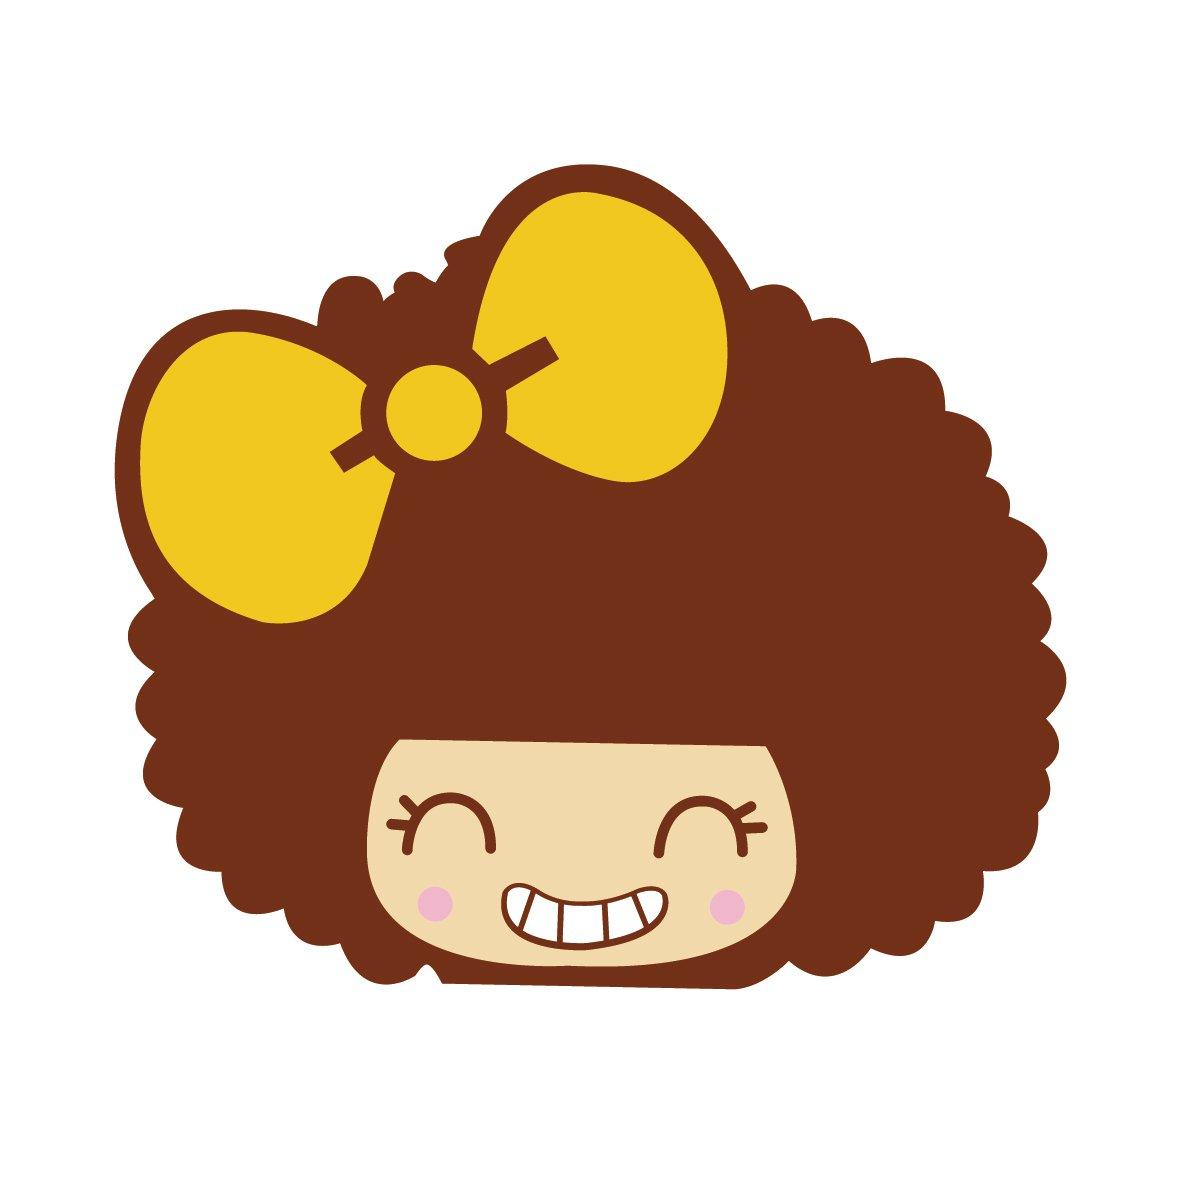 汽车贴纸 mocmoc 摩丝娃娃黄色蝴蝶结笑脸 汽车划痕贴 搞笑可爱卡通